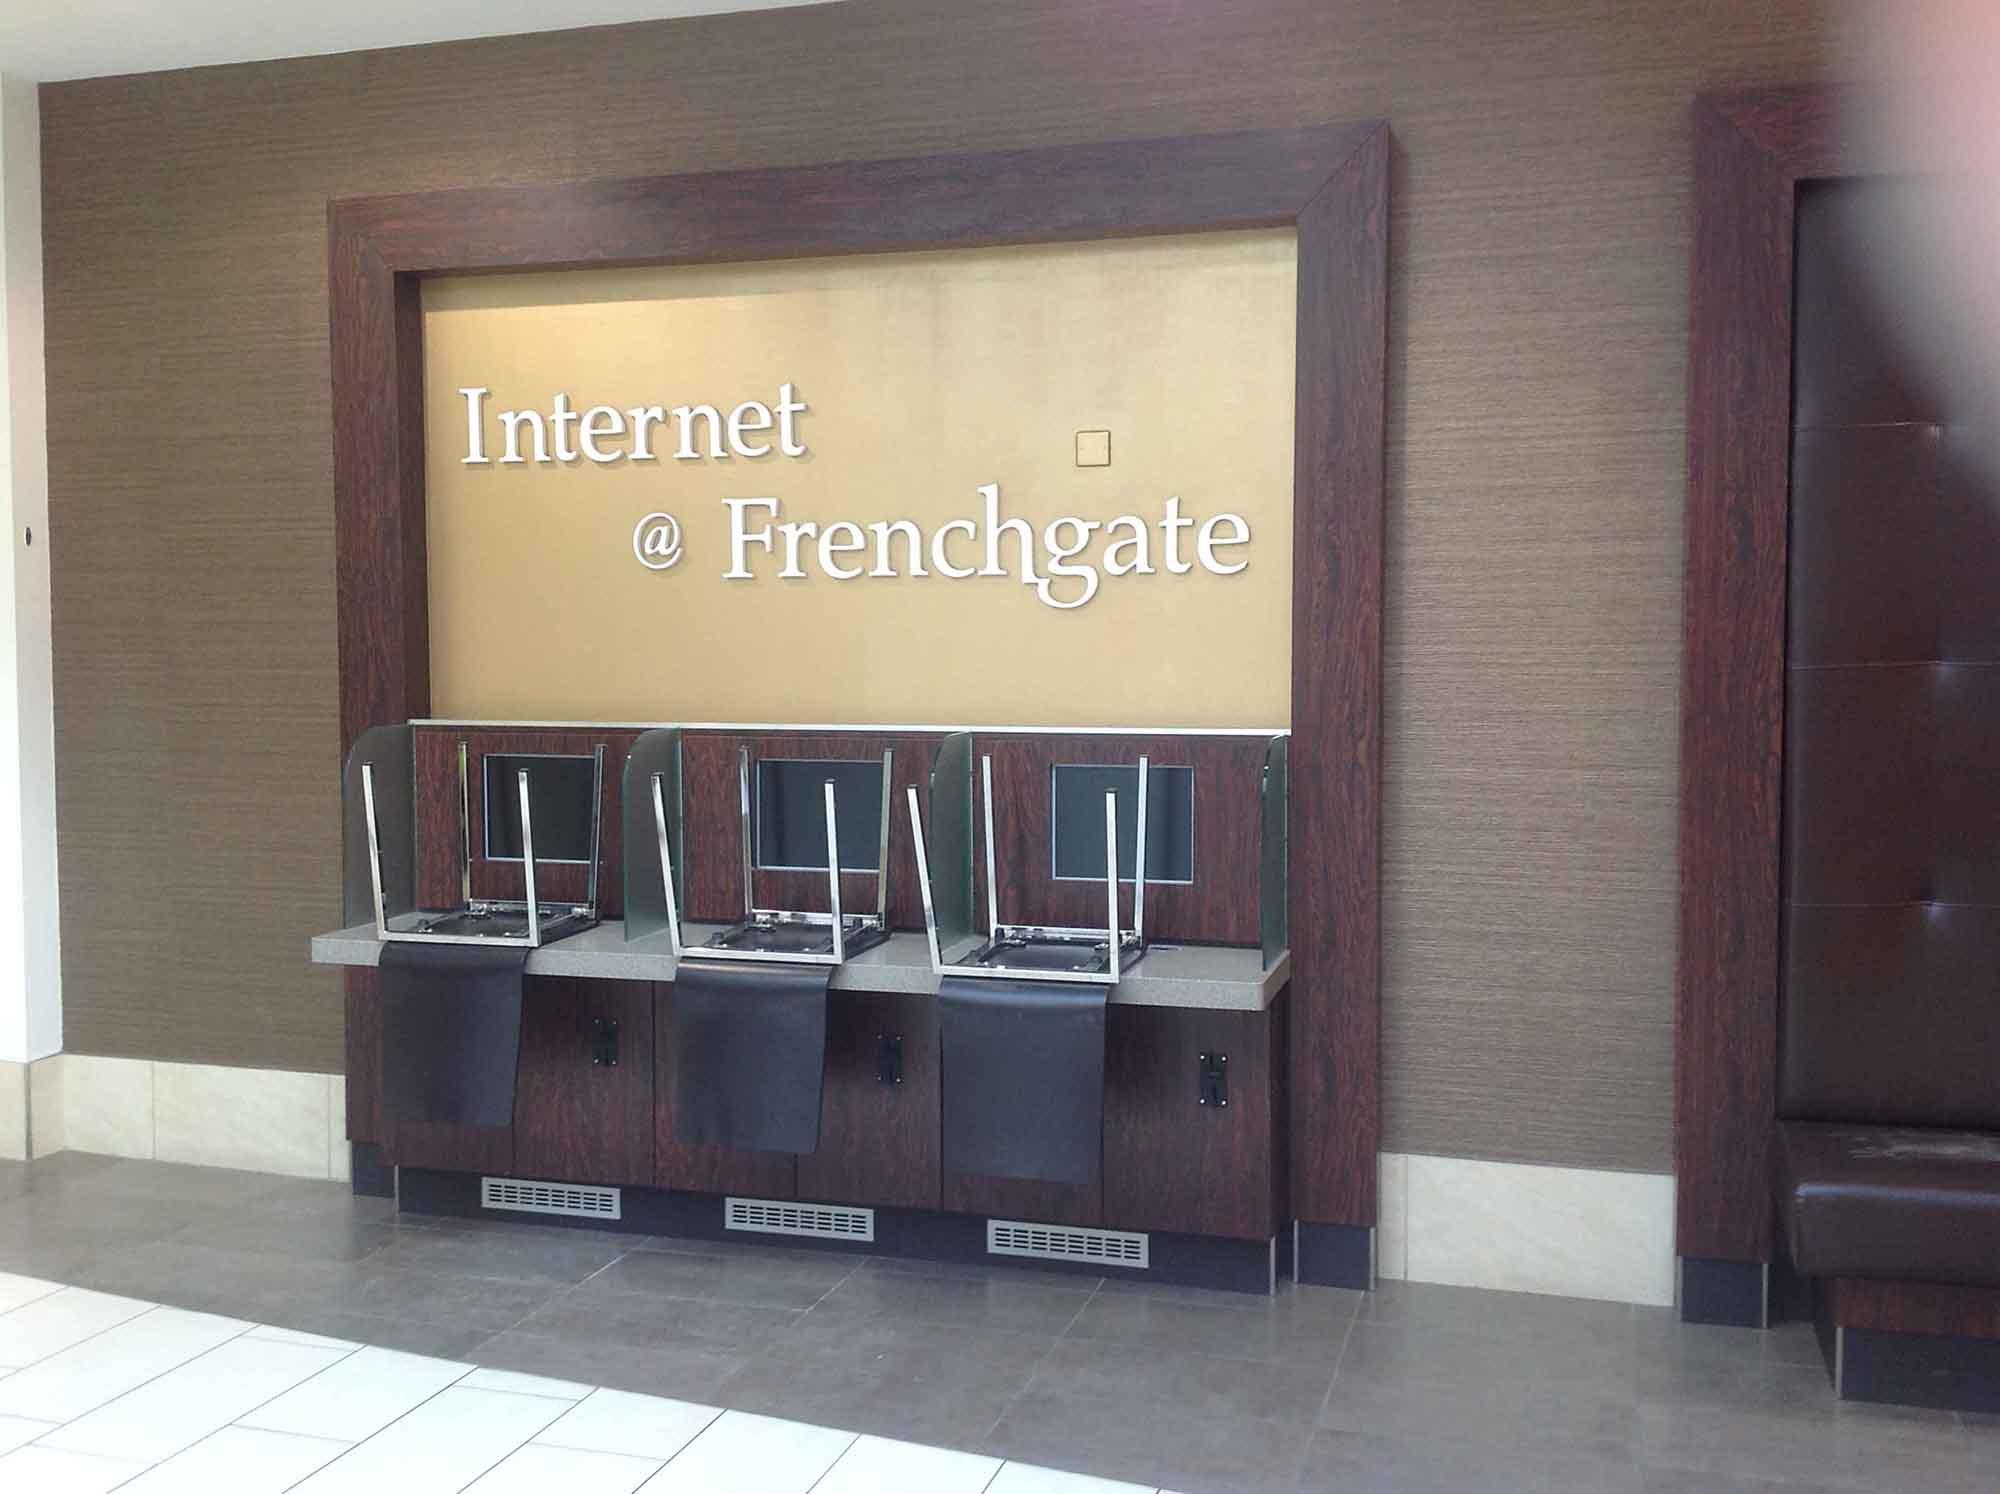 Internet Frenchgate